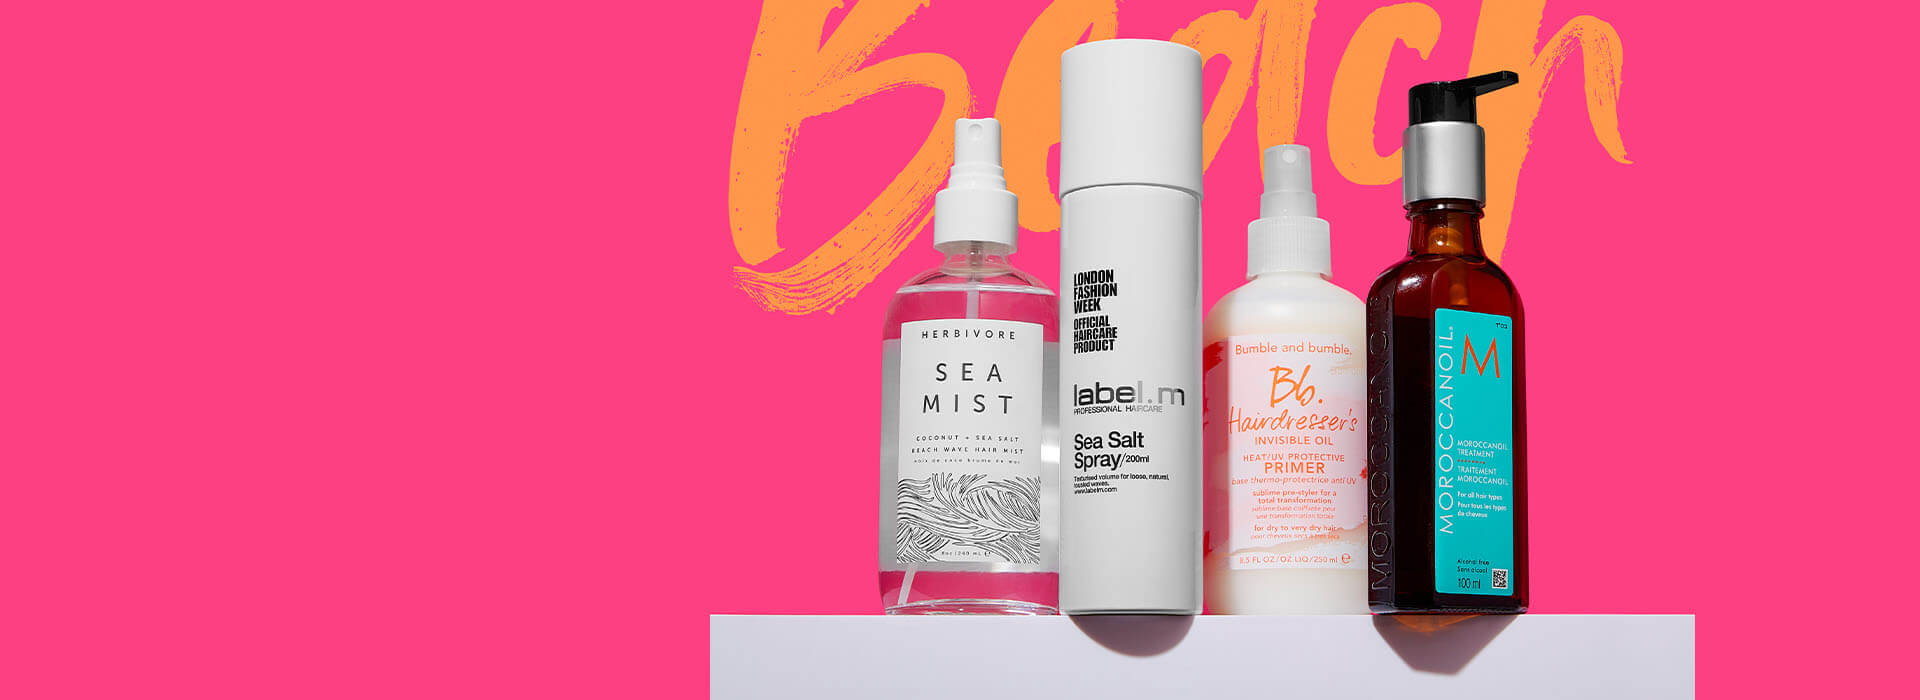 Entdecke alles, was LOOKFANTASTIC an Haarpflege zu bieten hat! Inklusive Marken wie Kérastase, Shea Moisture und Redken!